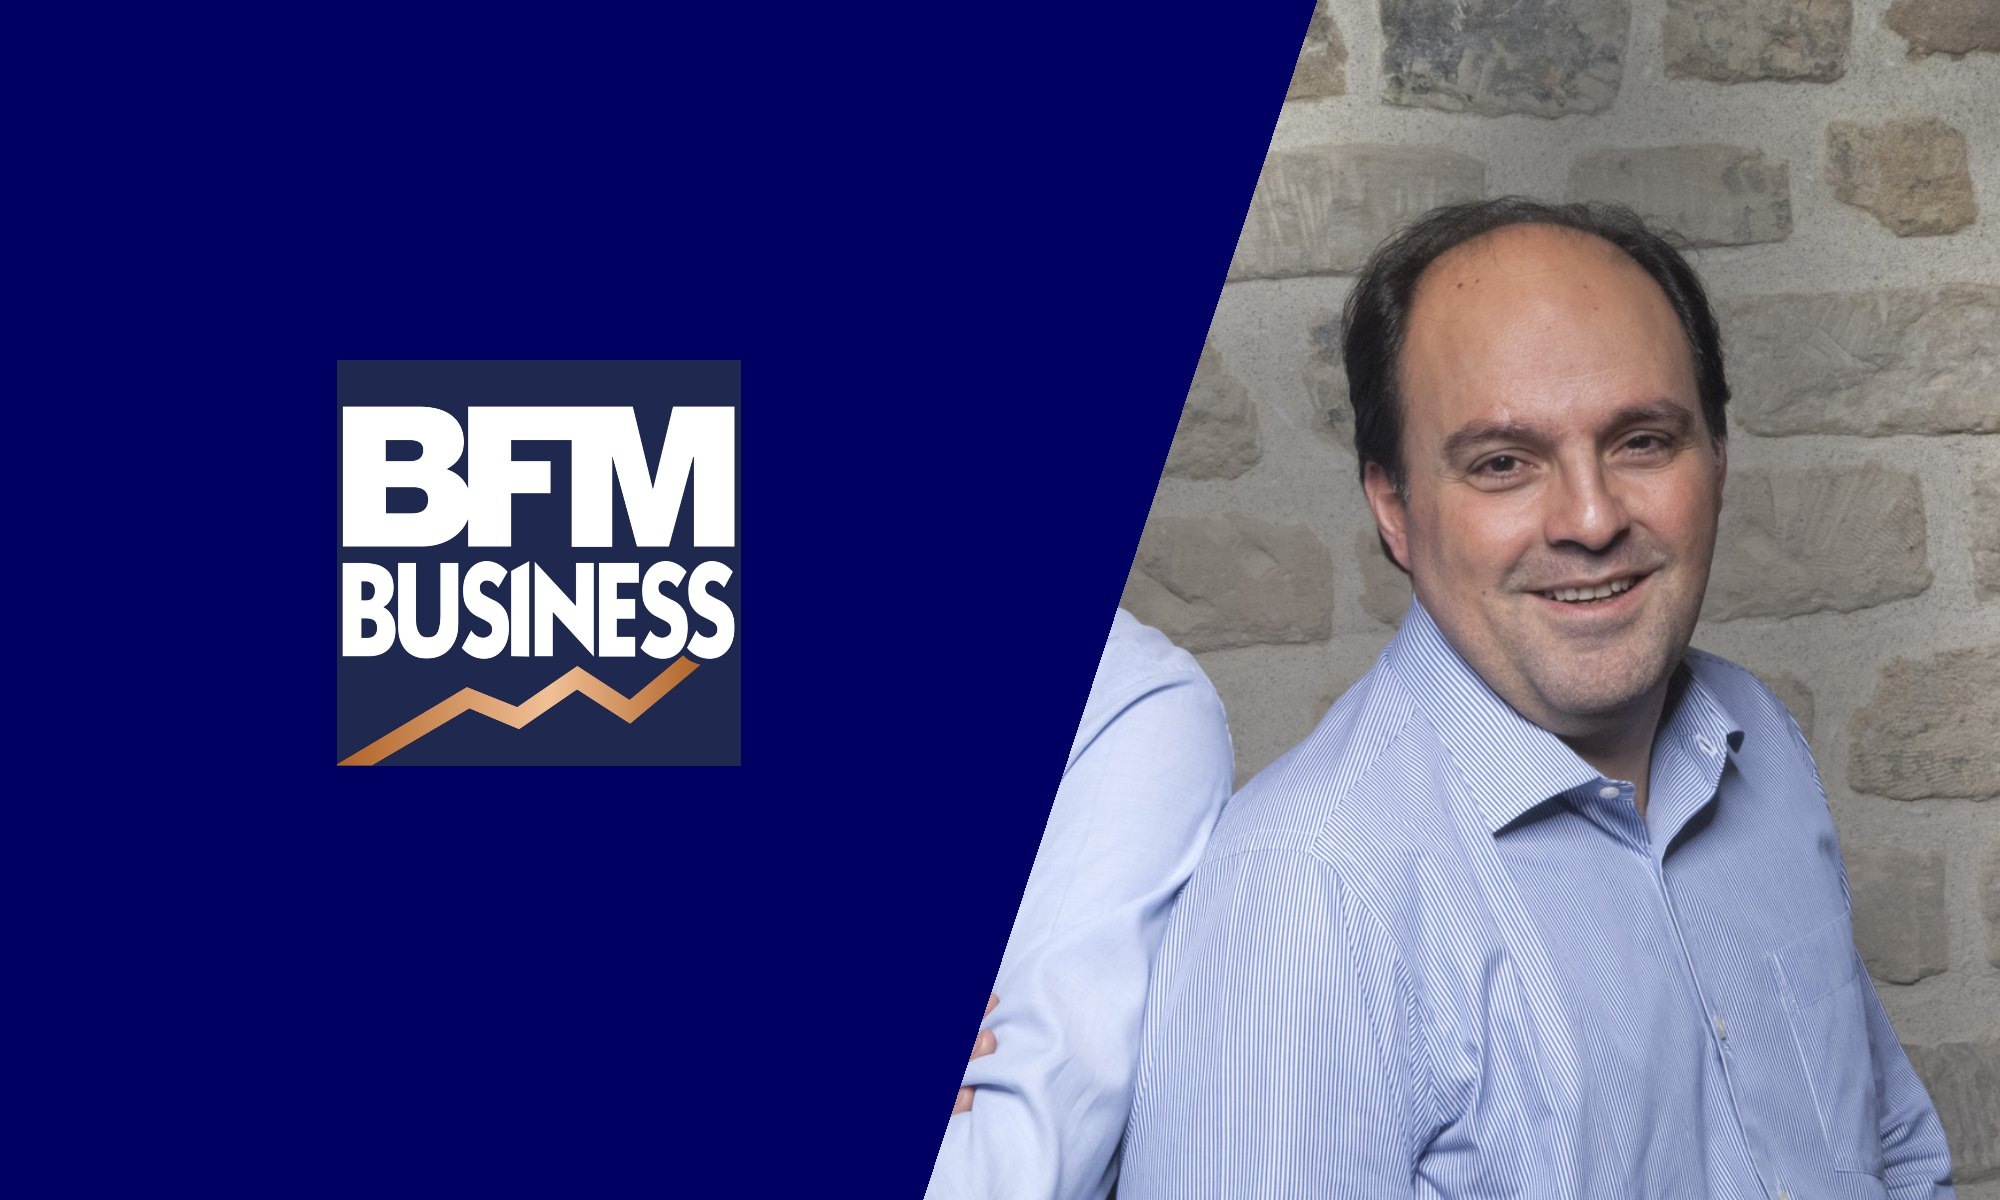 Notre co-fondateur Georges Aoun en interview sur BFM Business